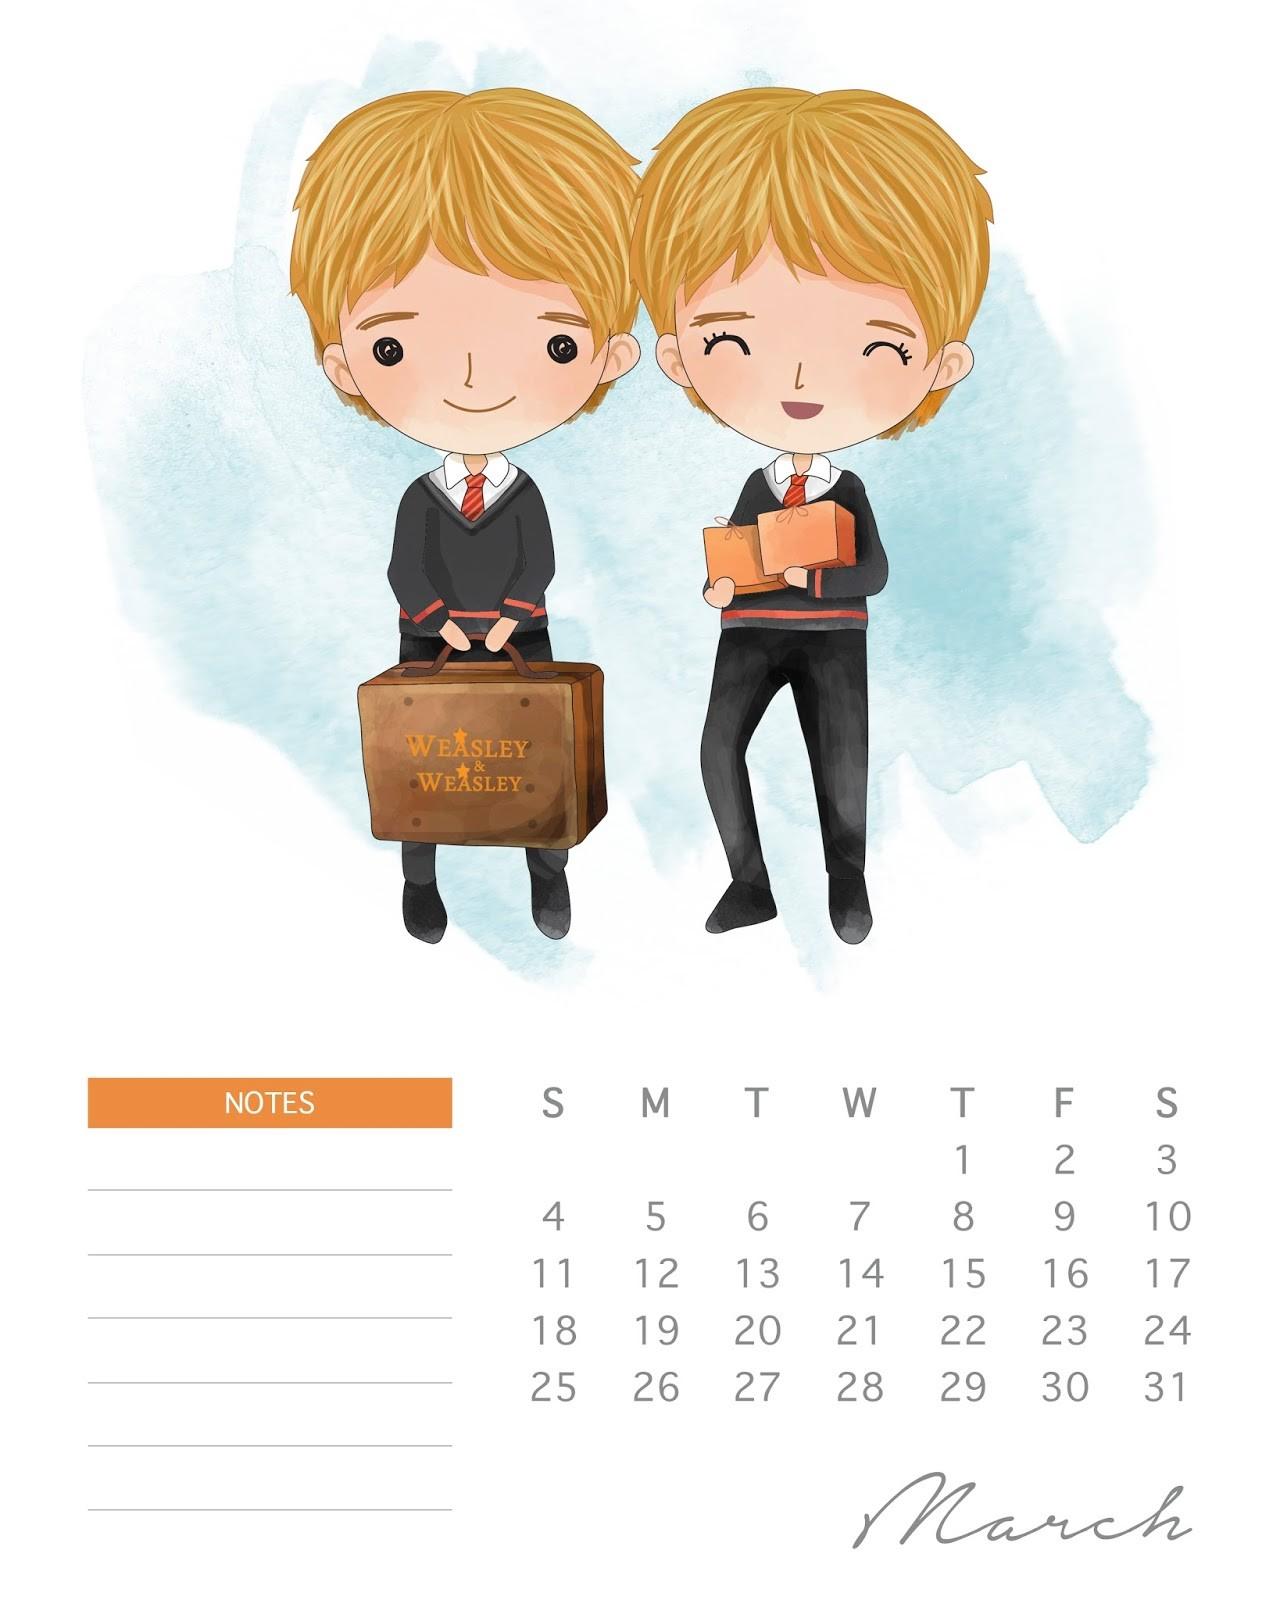 Calendário 2019 Vetor Brasil Recientes Calendario Abril 2018 Para Imprimir T Of Calendário 2019 Vetor Brasil Más Caliente Calendrio Abril 2018 Infantil T Calendario 2018